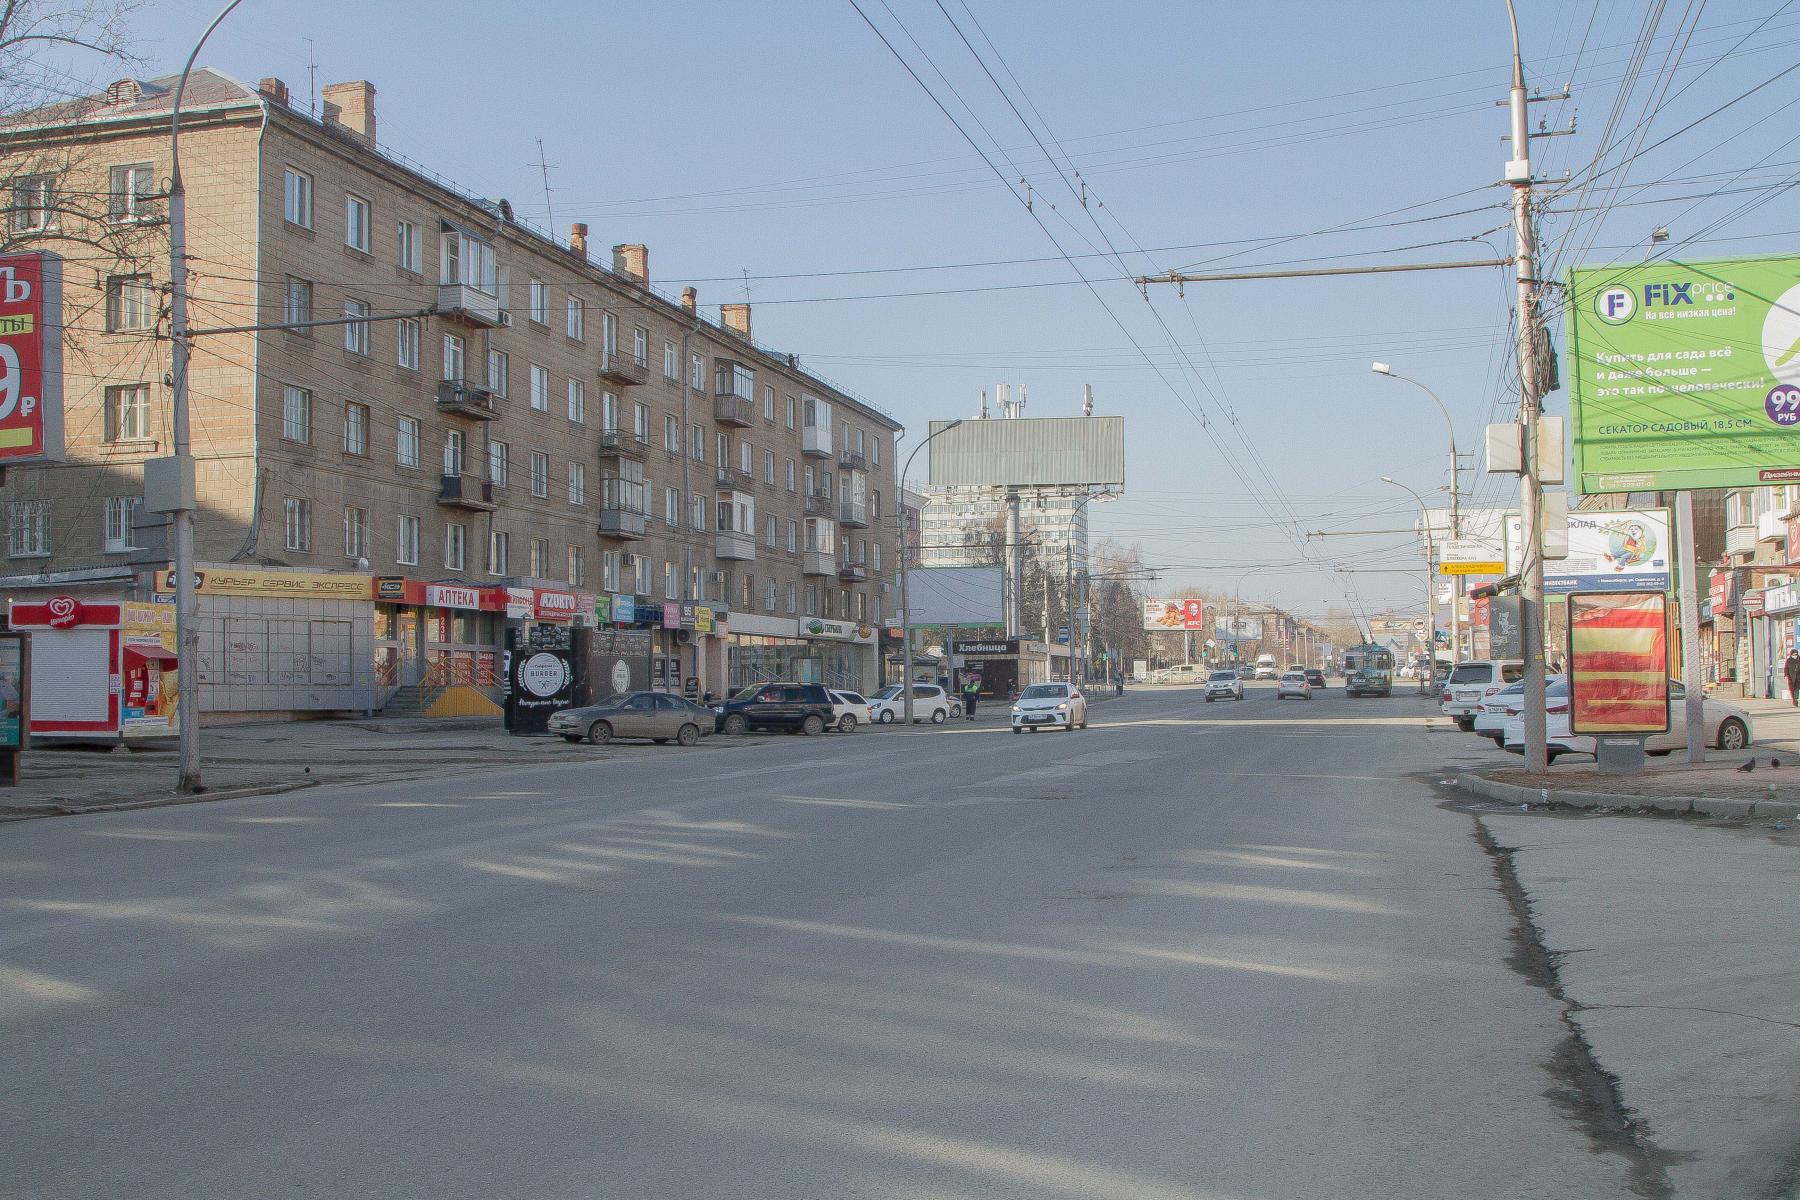 фото Неудержимая тяга к земле: новосибирцы массово устремились на дачи вопреки просьбам мэра и губернатора 2